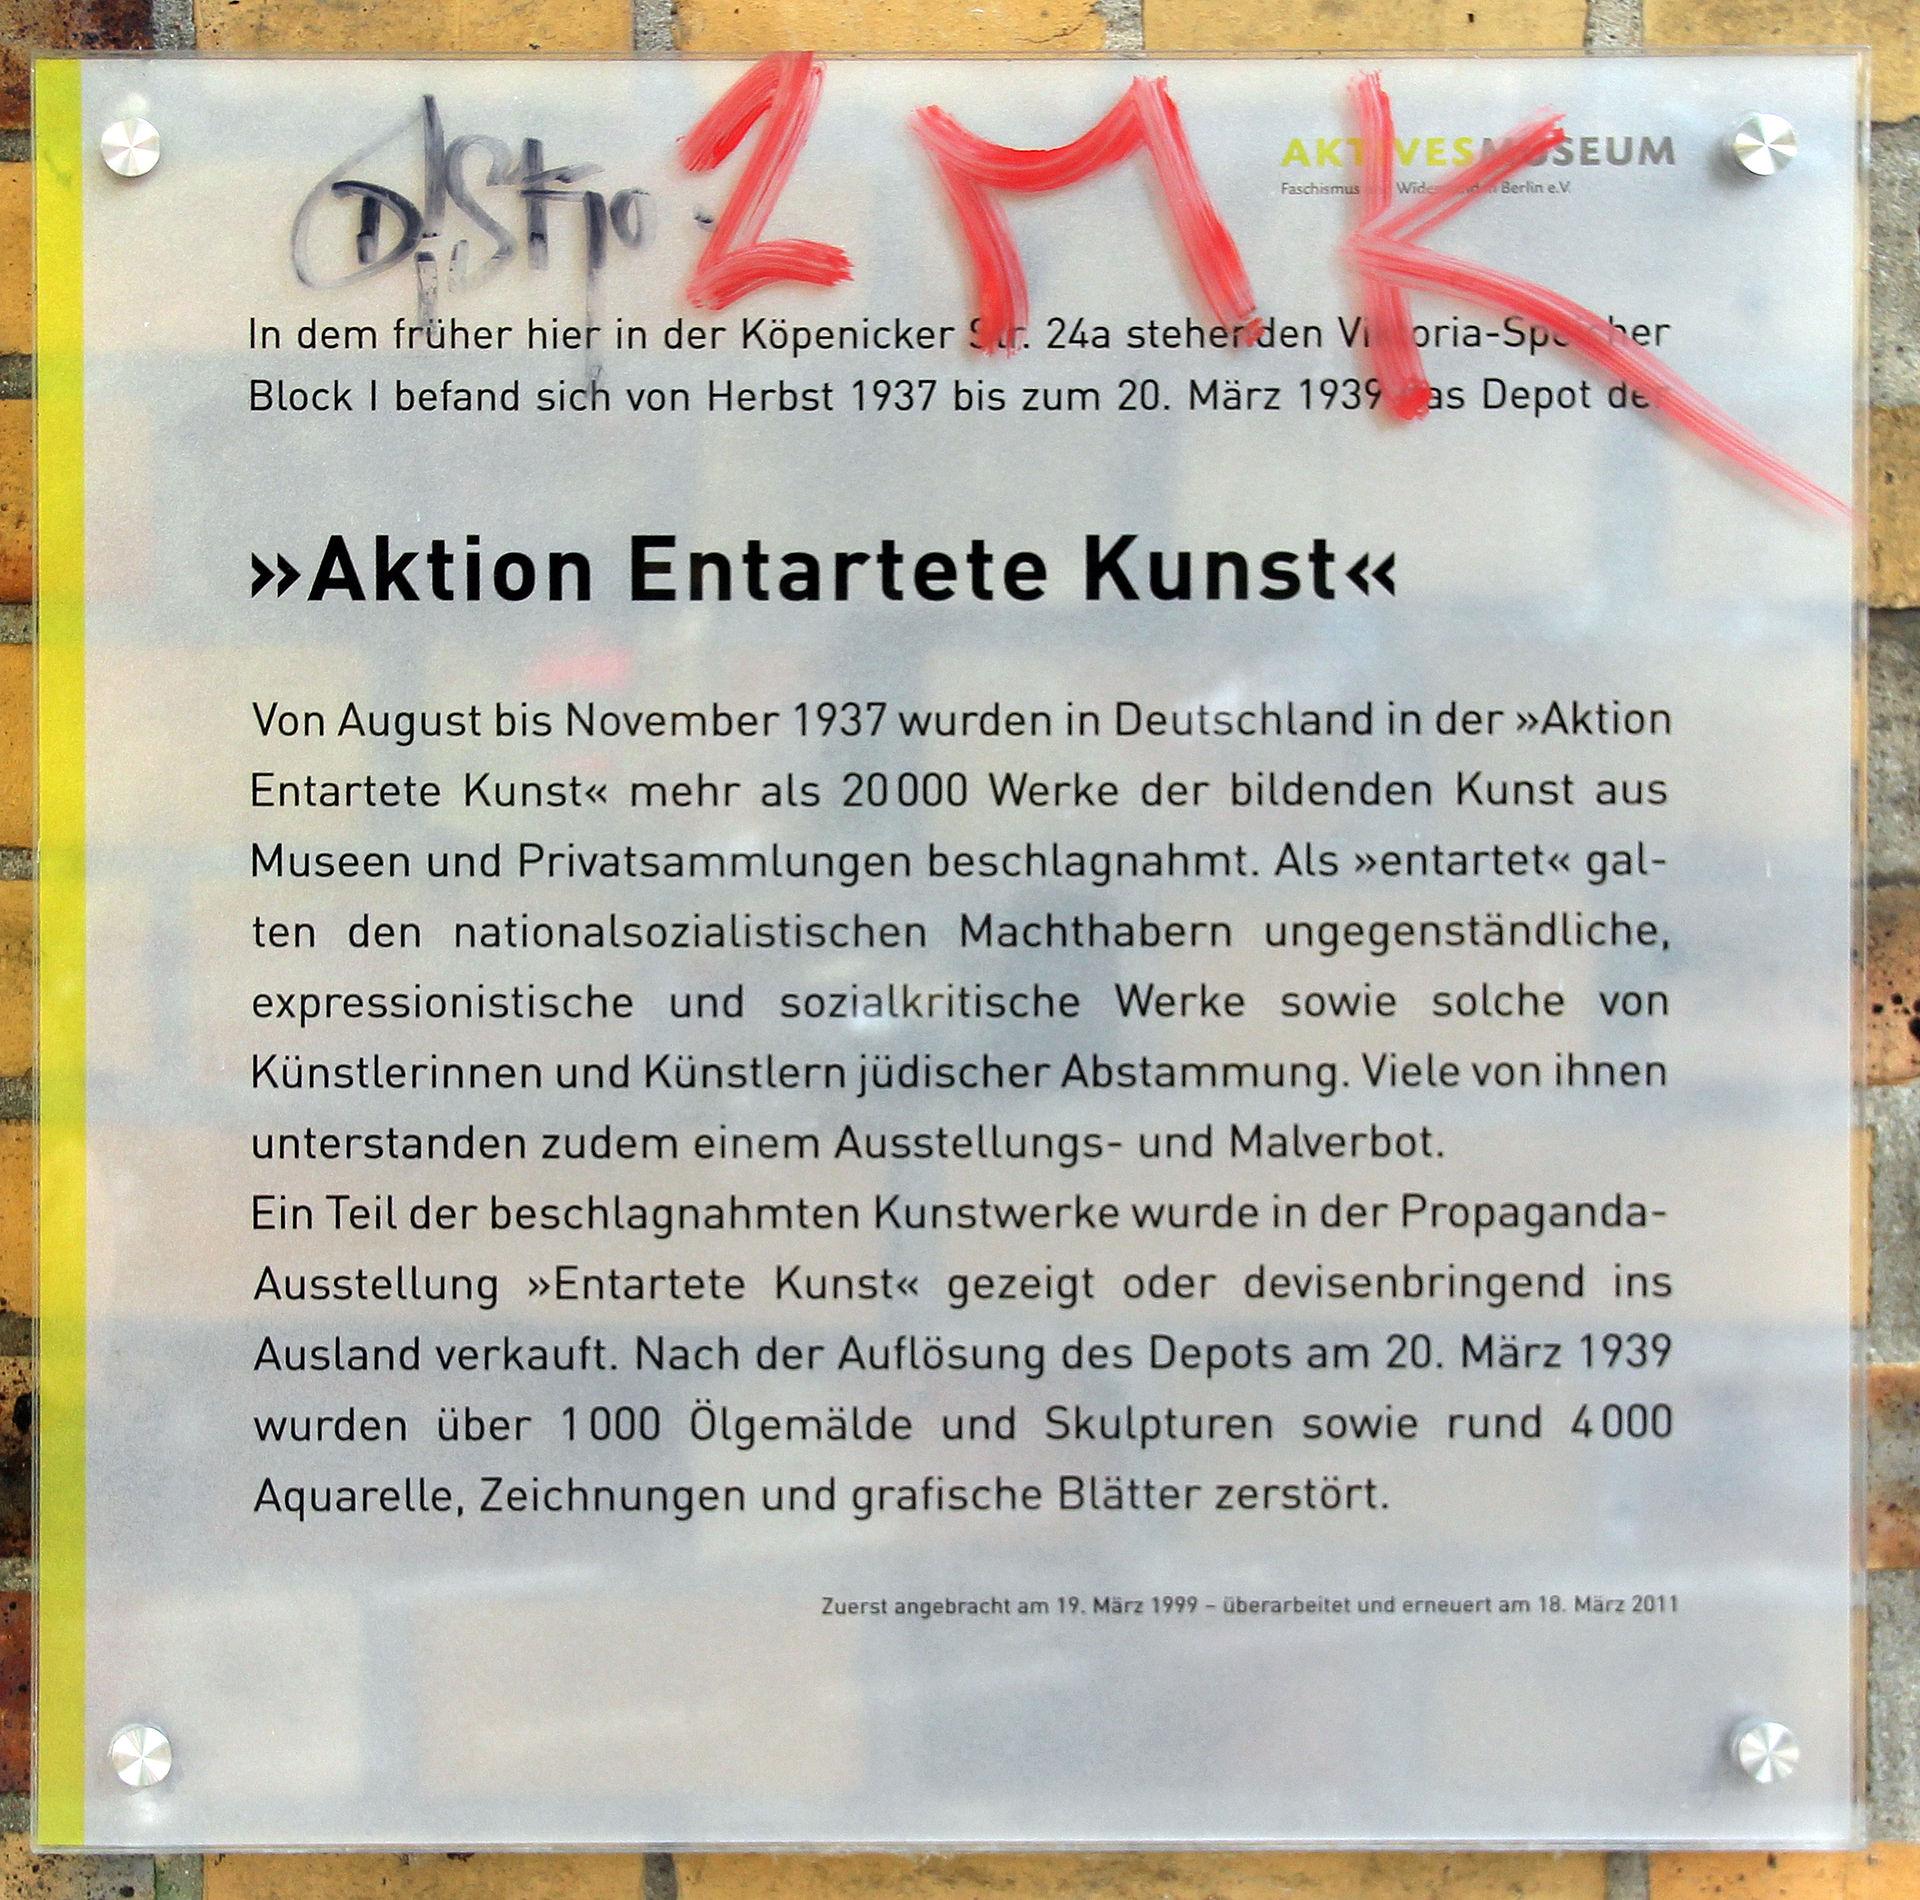 Entartete Kunst Ausstellung Wikipedia